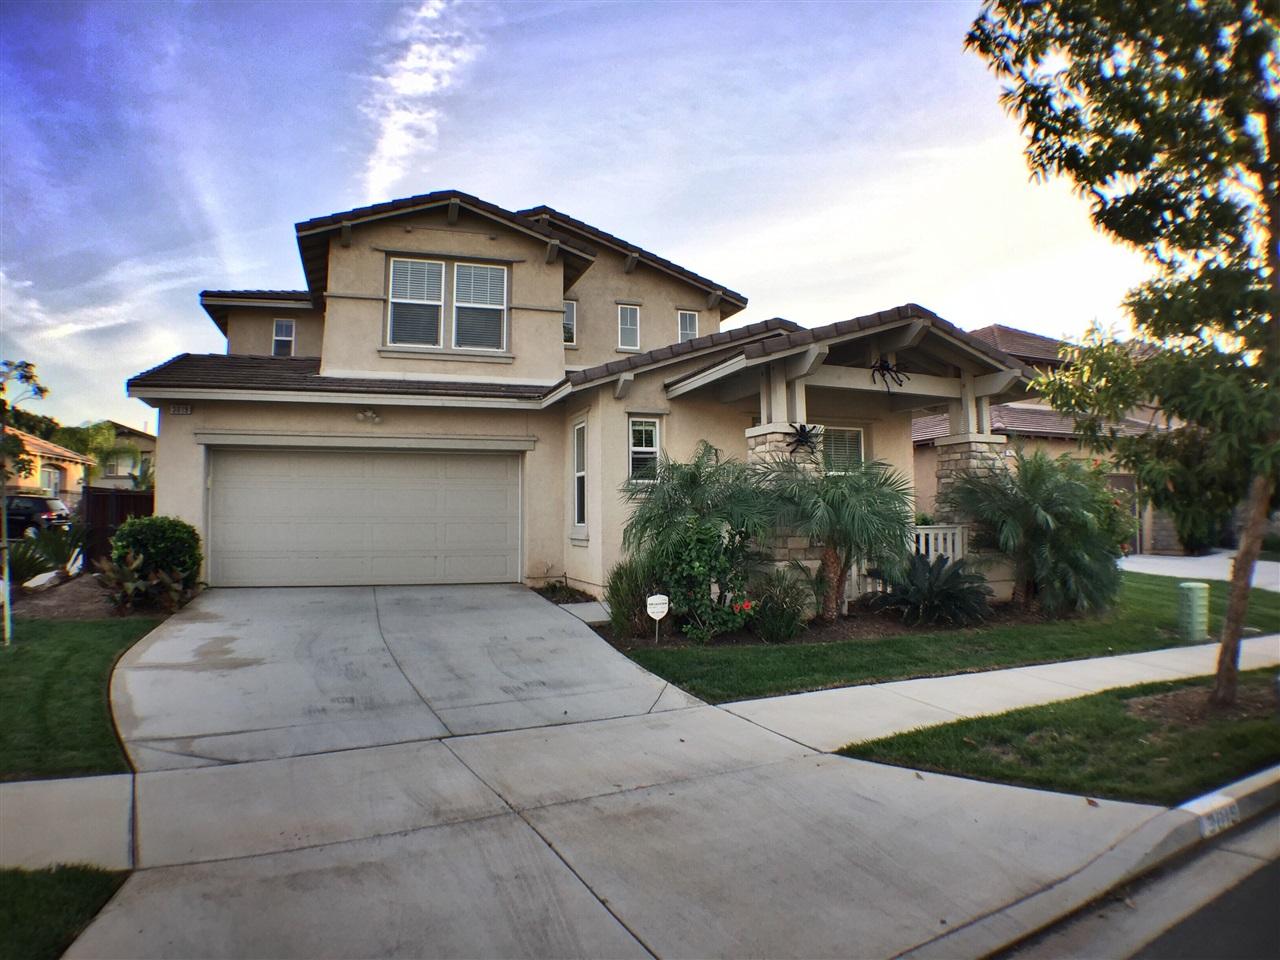 3019 Wohlford Dr, Escondido, CA